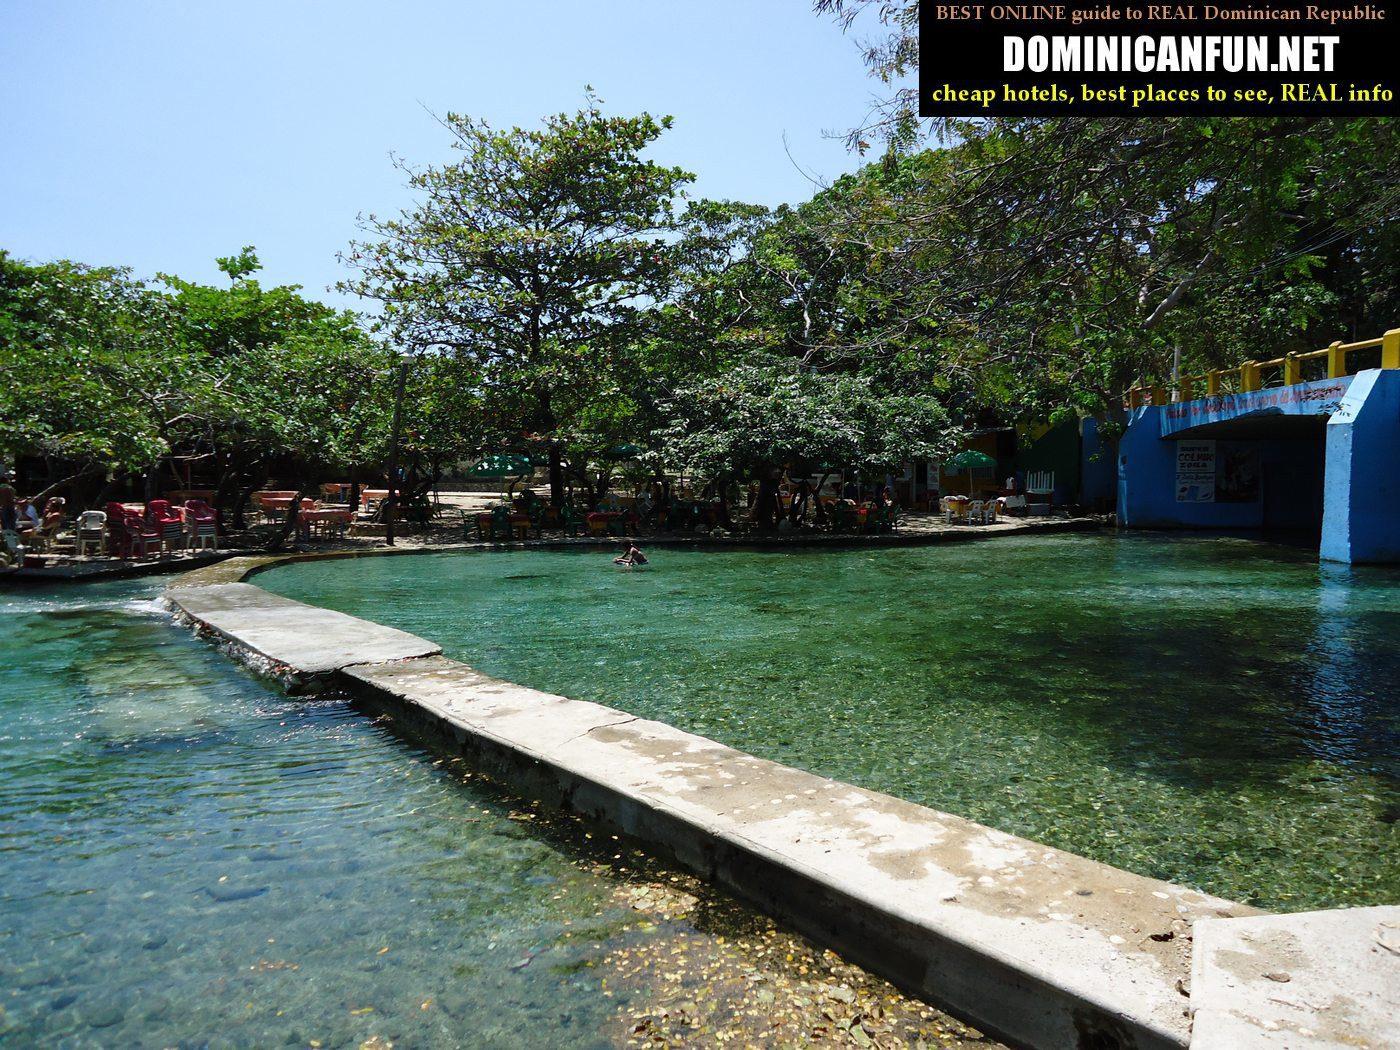 Los Patos Dominican Republic